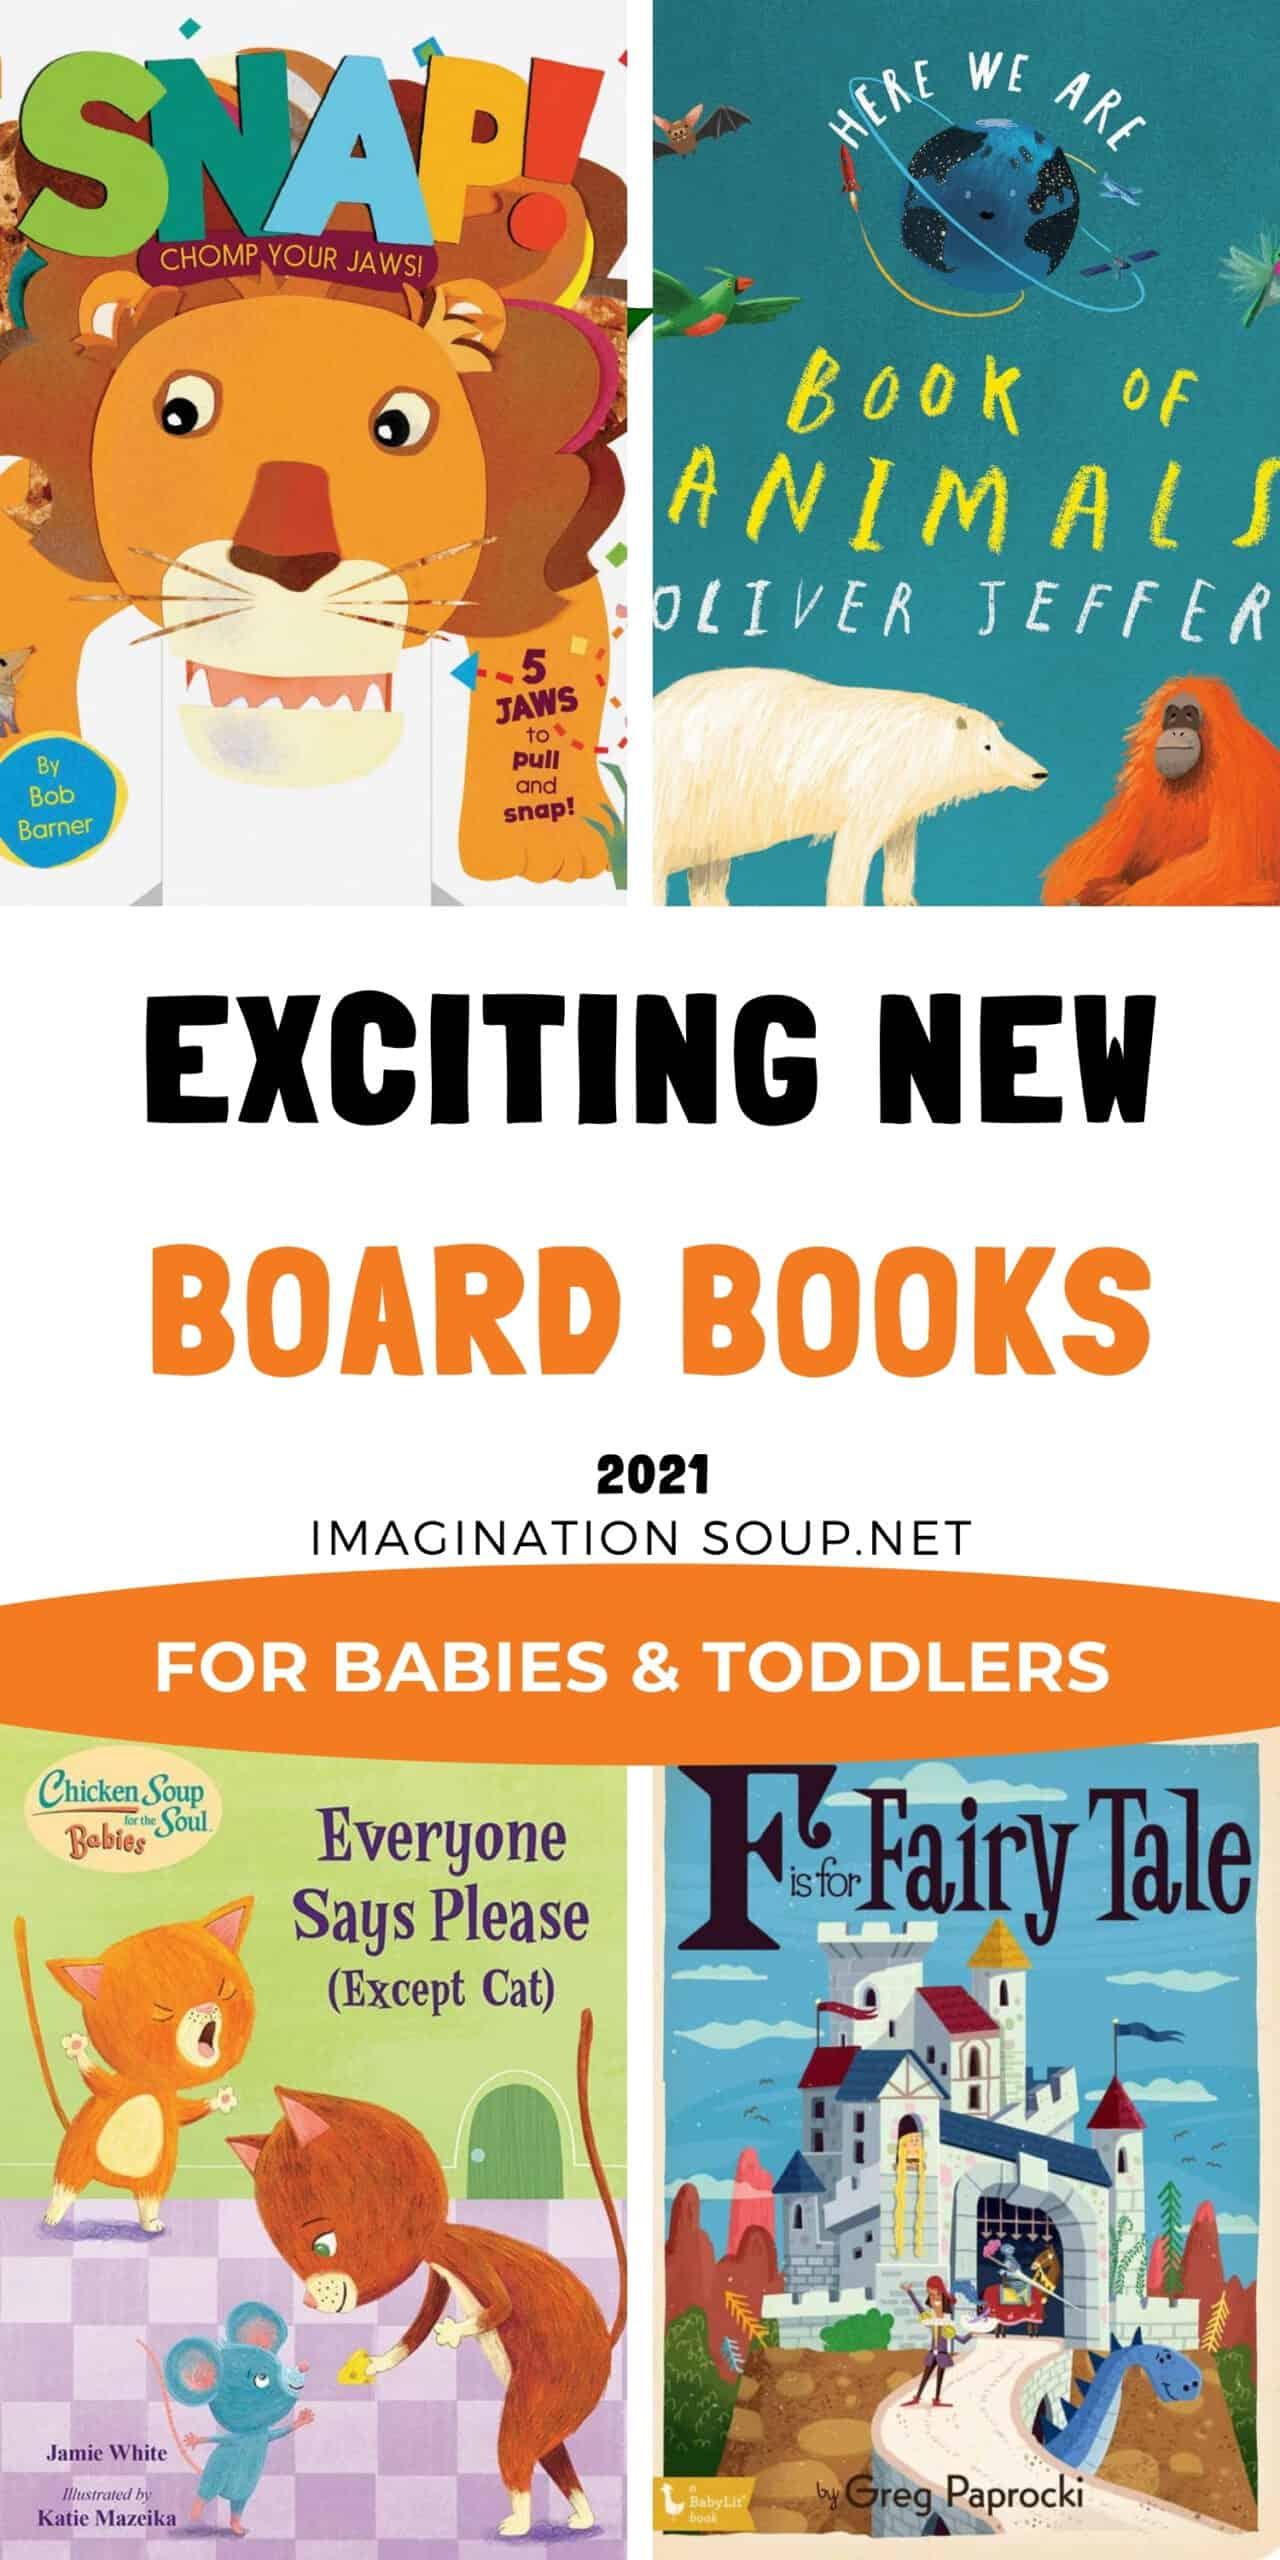 new 2021 board books!